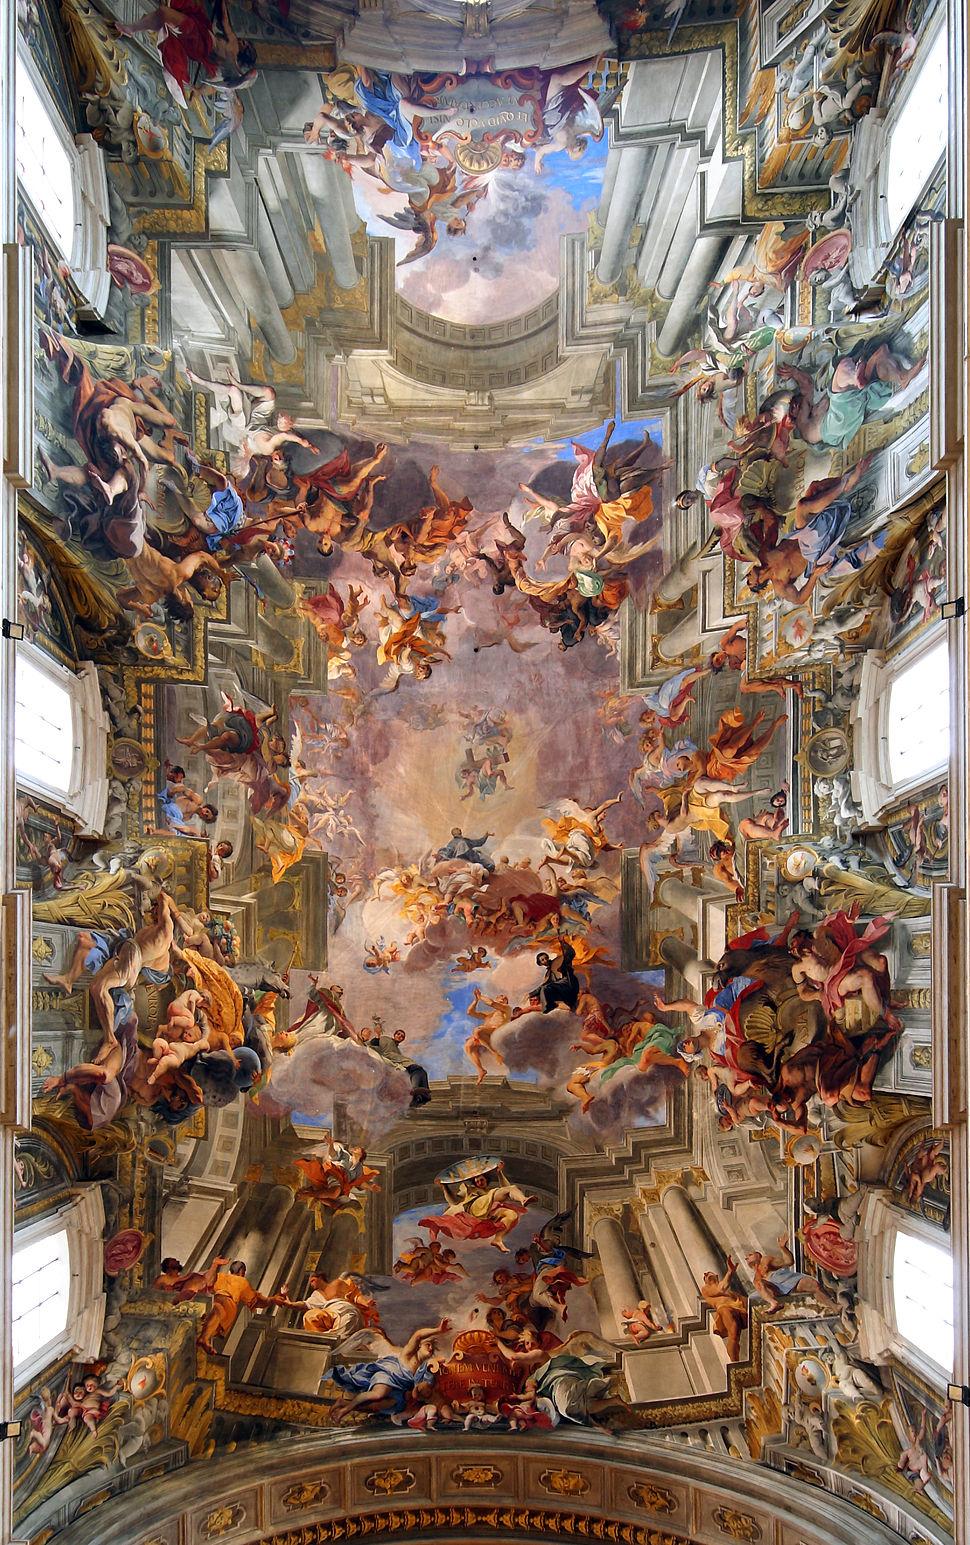 Andrea Pozzo - Apoteose de Santo Inacio